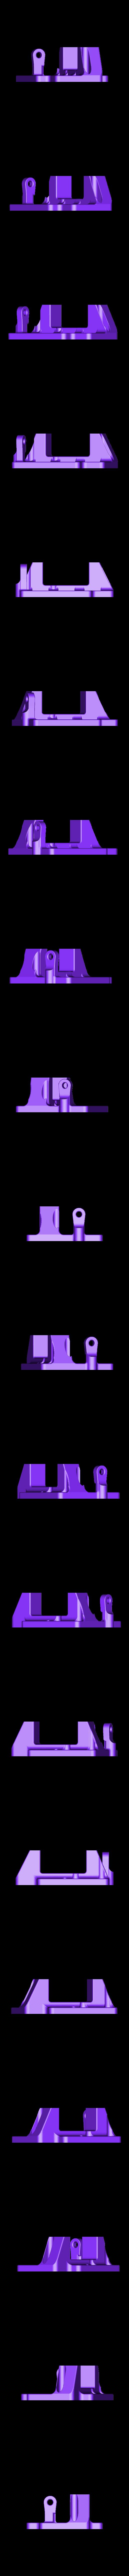 Non-Bowden_Lion_Carriage.STL Télécharger fichier STL gratuit Un support d'extrudeuse Stock-ish pour Anet A8 et Alike ! (Inclut la chaîne et la monture ou sans chaîne !) • Objet pour impression 3D, MorganLowe